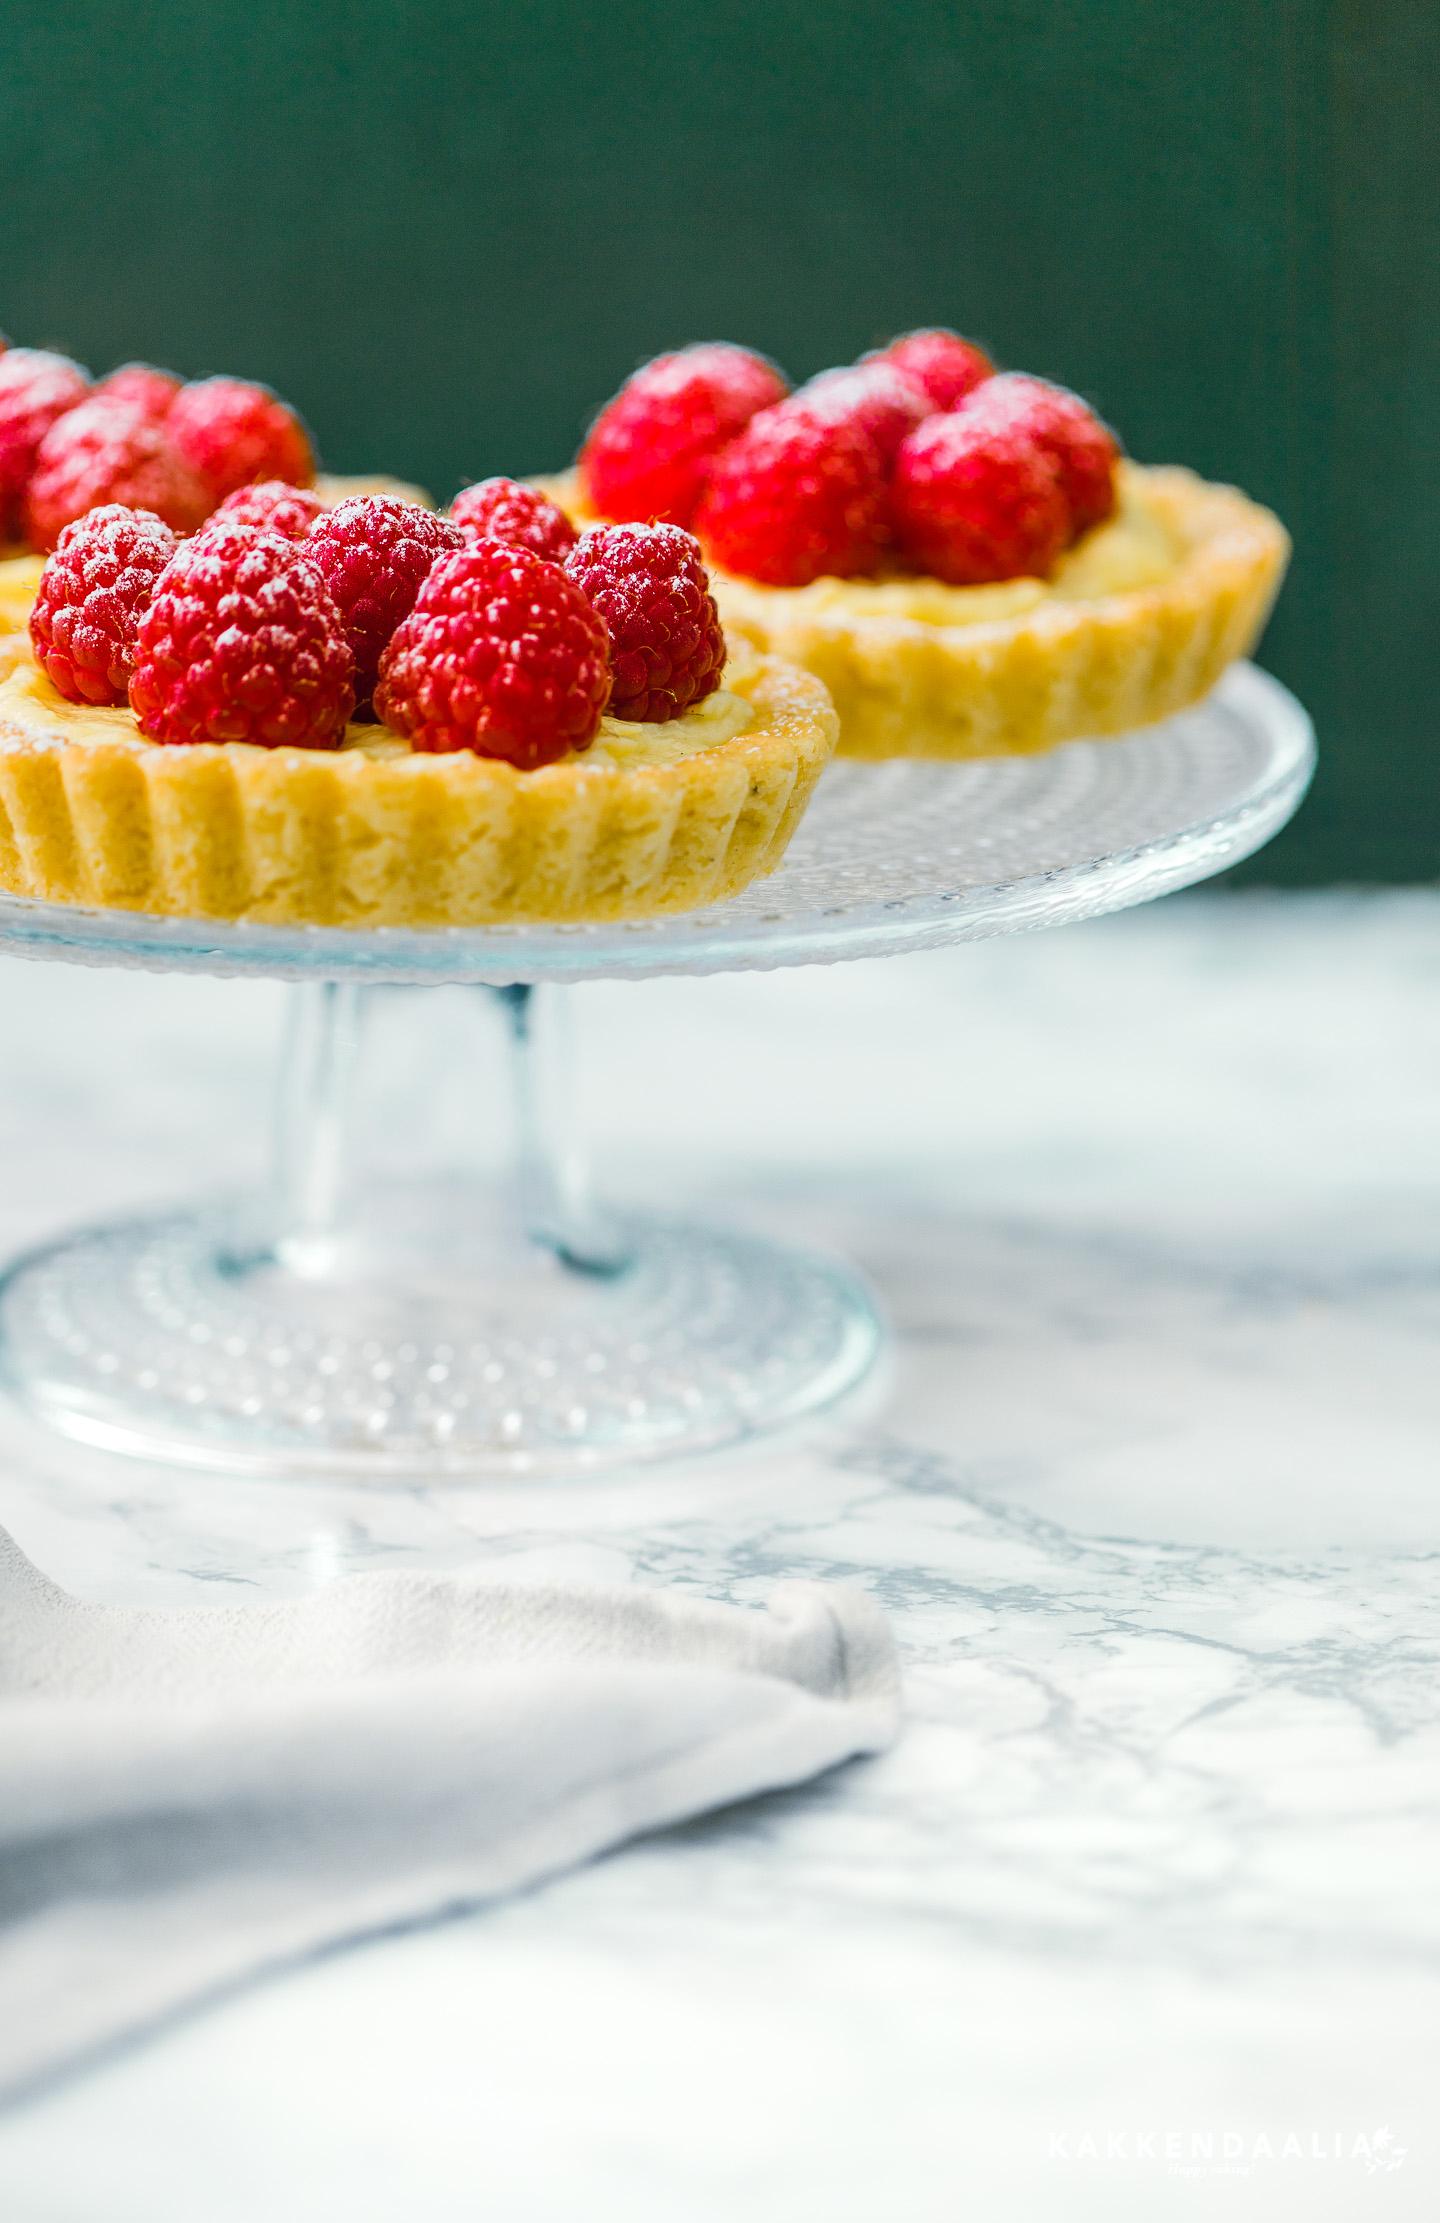 Loppukesän ihanat vadelmat ansaitsevat paikkansa vaniljaisen crème pâtissièren päällä. Ranskalaistyylinen resepti maistuu kesältä. Sähkökatkojen ja ukkosen jyrähtelyjen välissä syntyneet marjatortut muistetaan kun aurinko ei enää lämmitä ja helteen aiheuttamat muistikatkot ovat muisto vain.